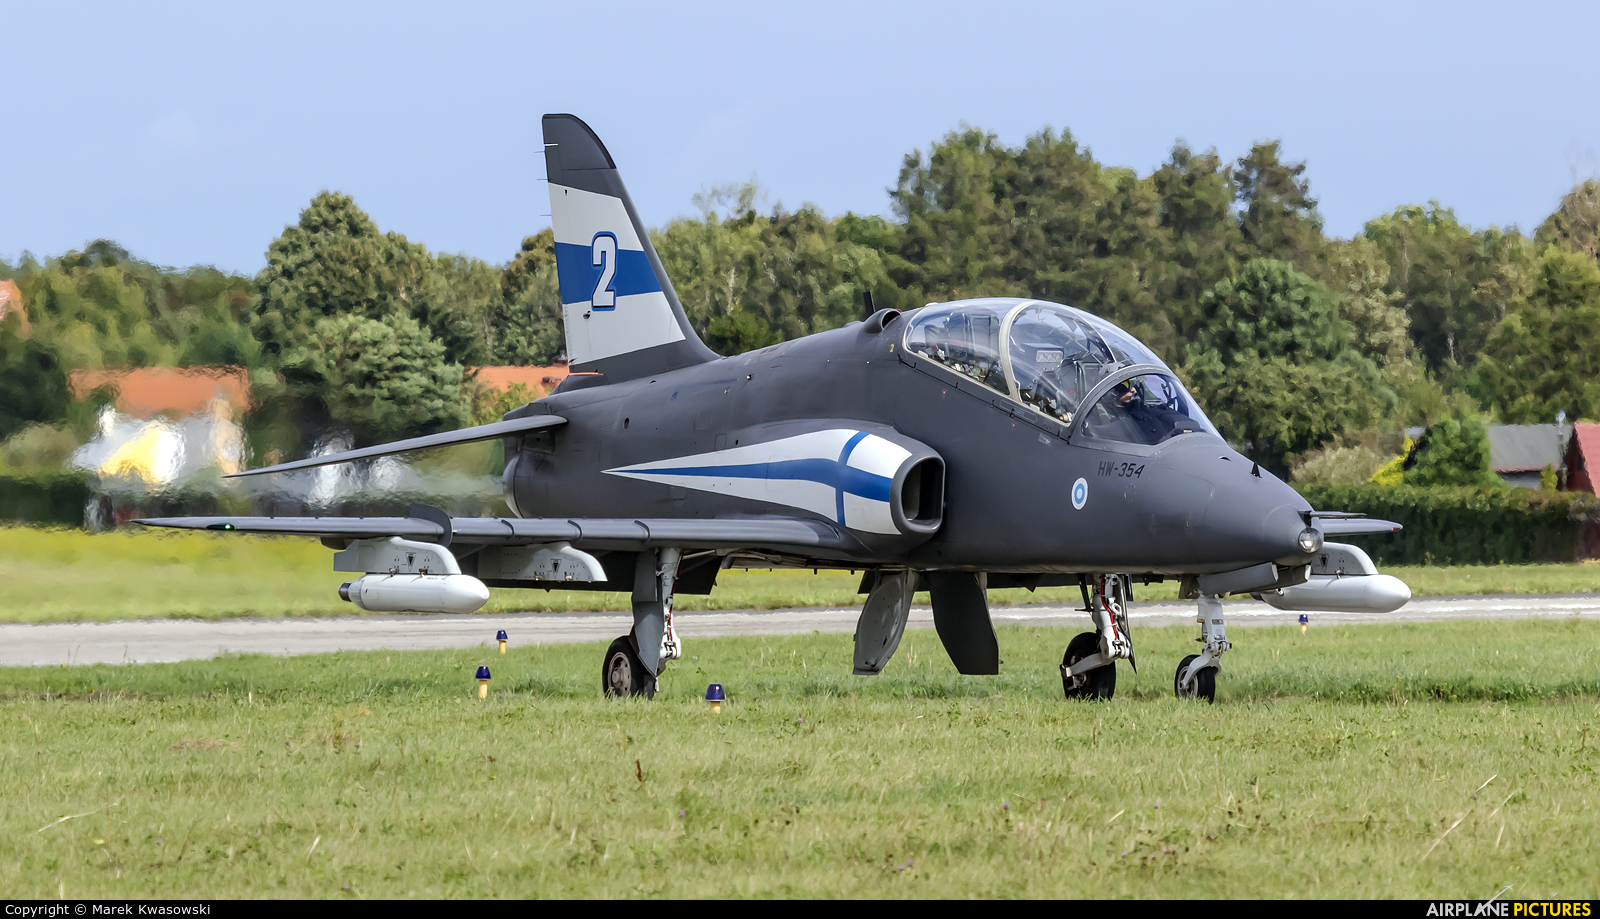 Finland - Air Force: Midnight Hawks HW-354 aircraft at Gdynia- Babie Doły (Oksywie)